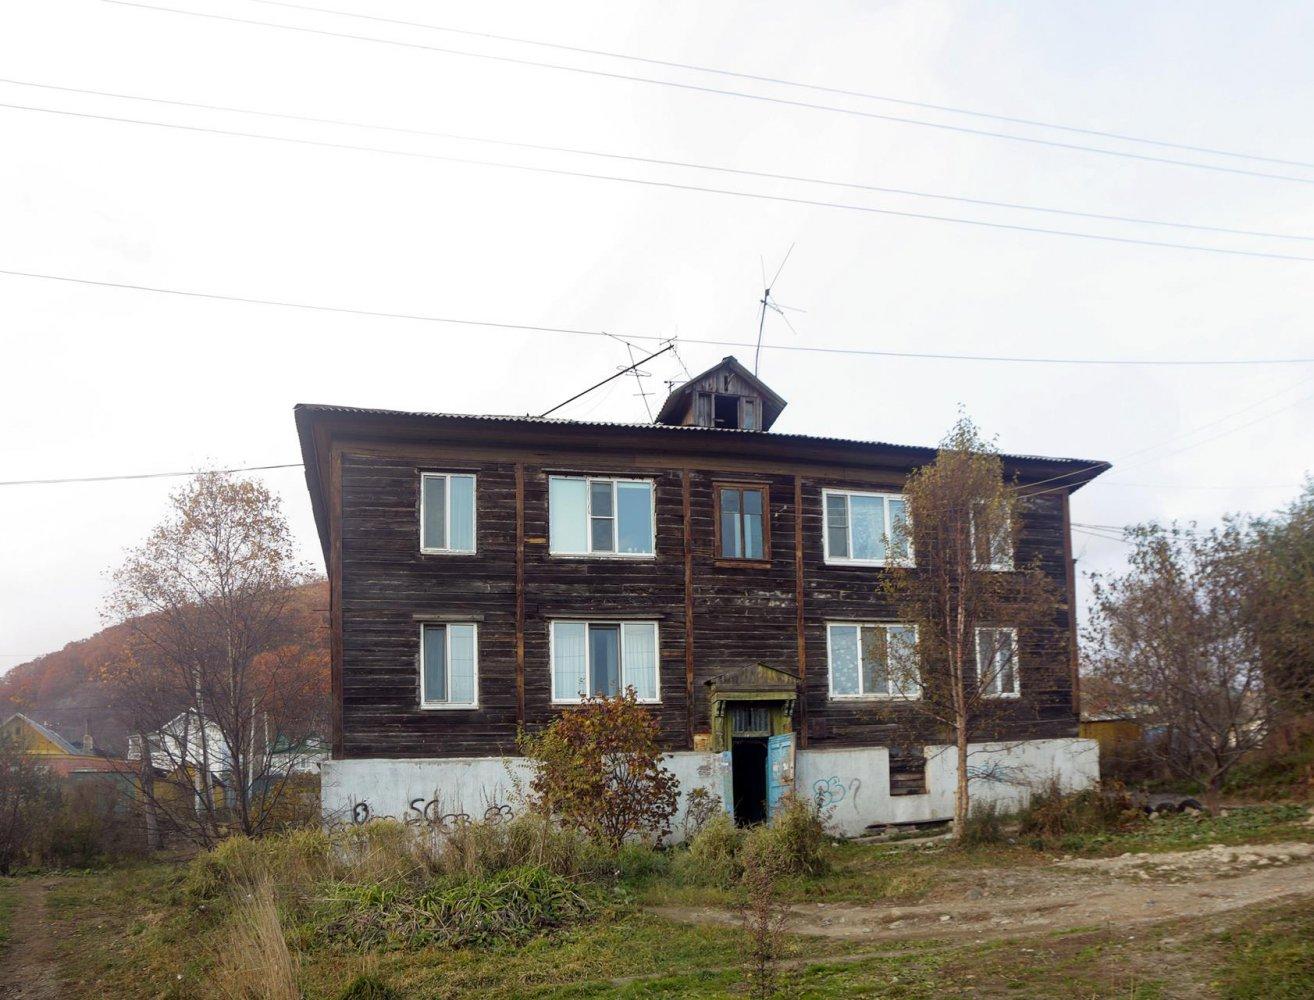 Фото 7994 (Copy).jpg. Россия, Приморский край, город Находка, Unnamed Road